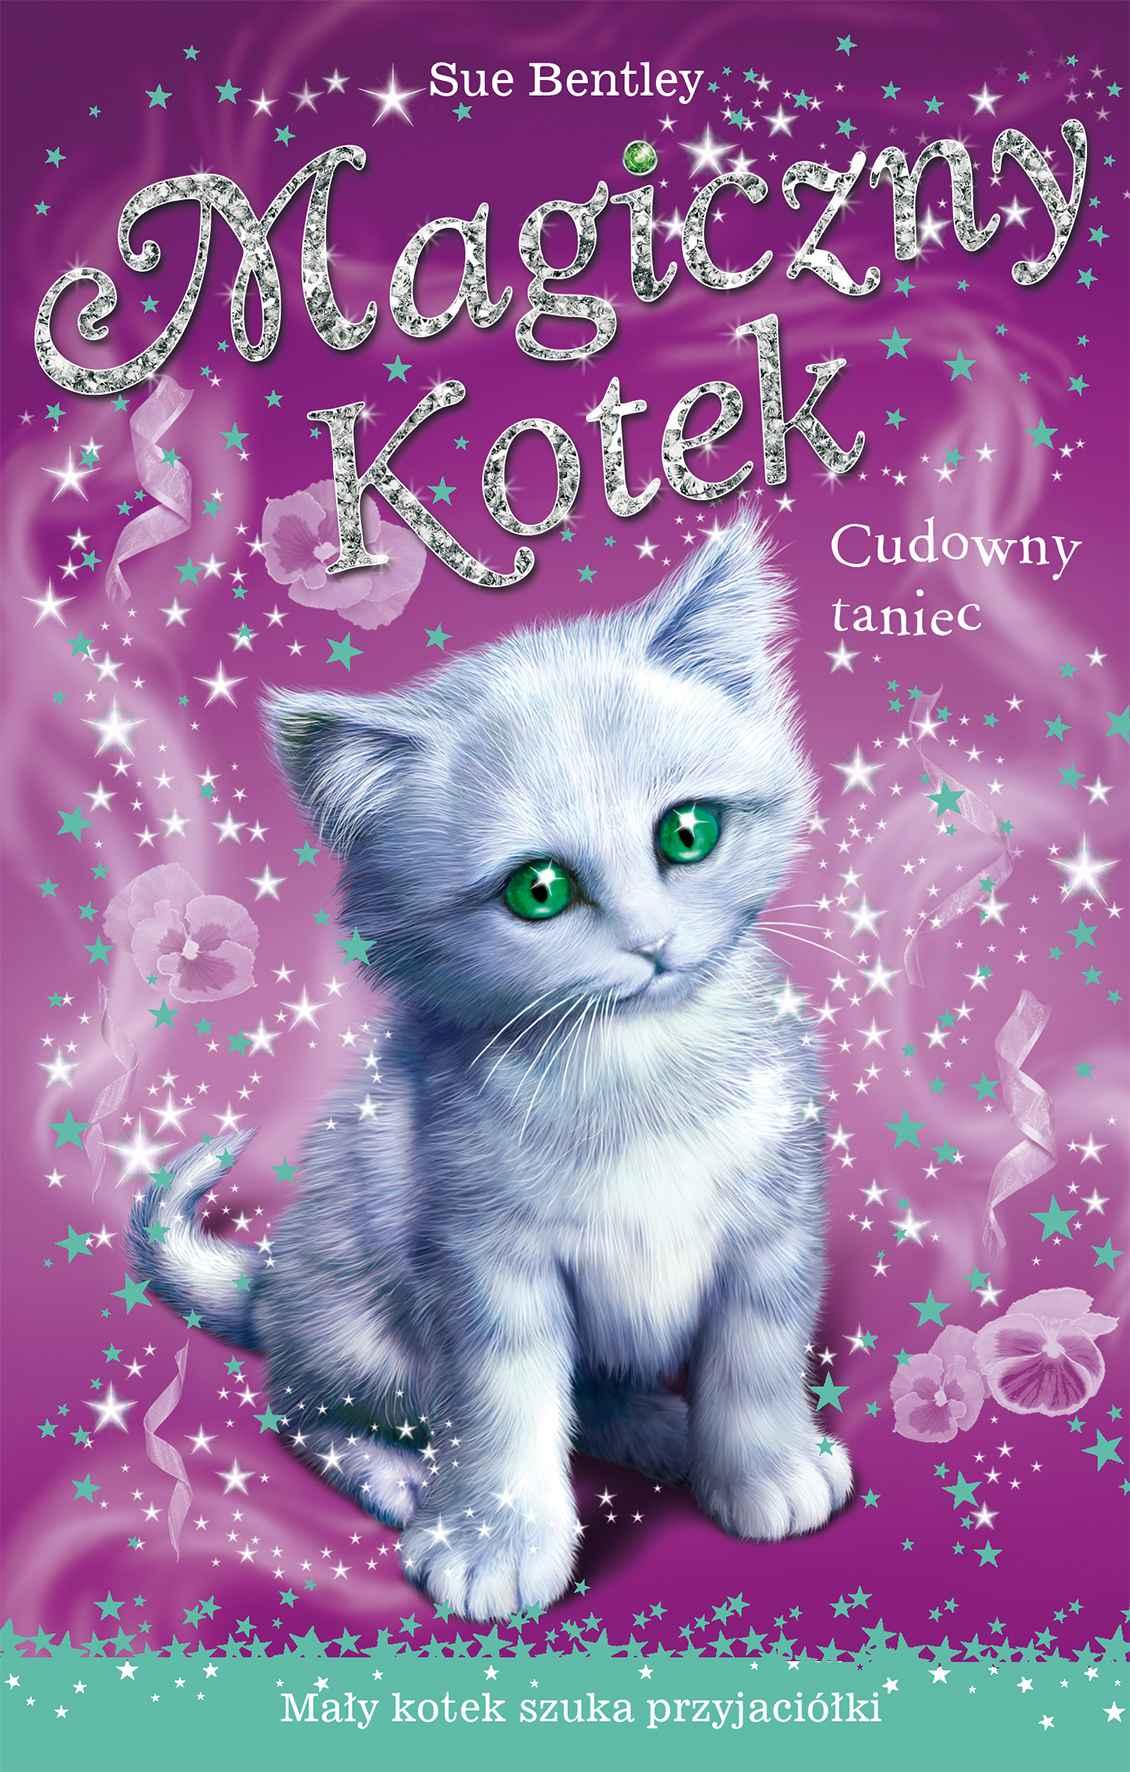 Cudowny taniec. Magiczny kotek - Ebook (Książka EPUB) do pobrania w formacie EPUB